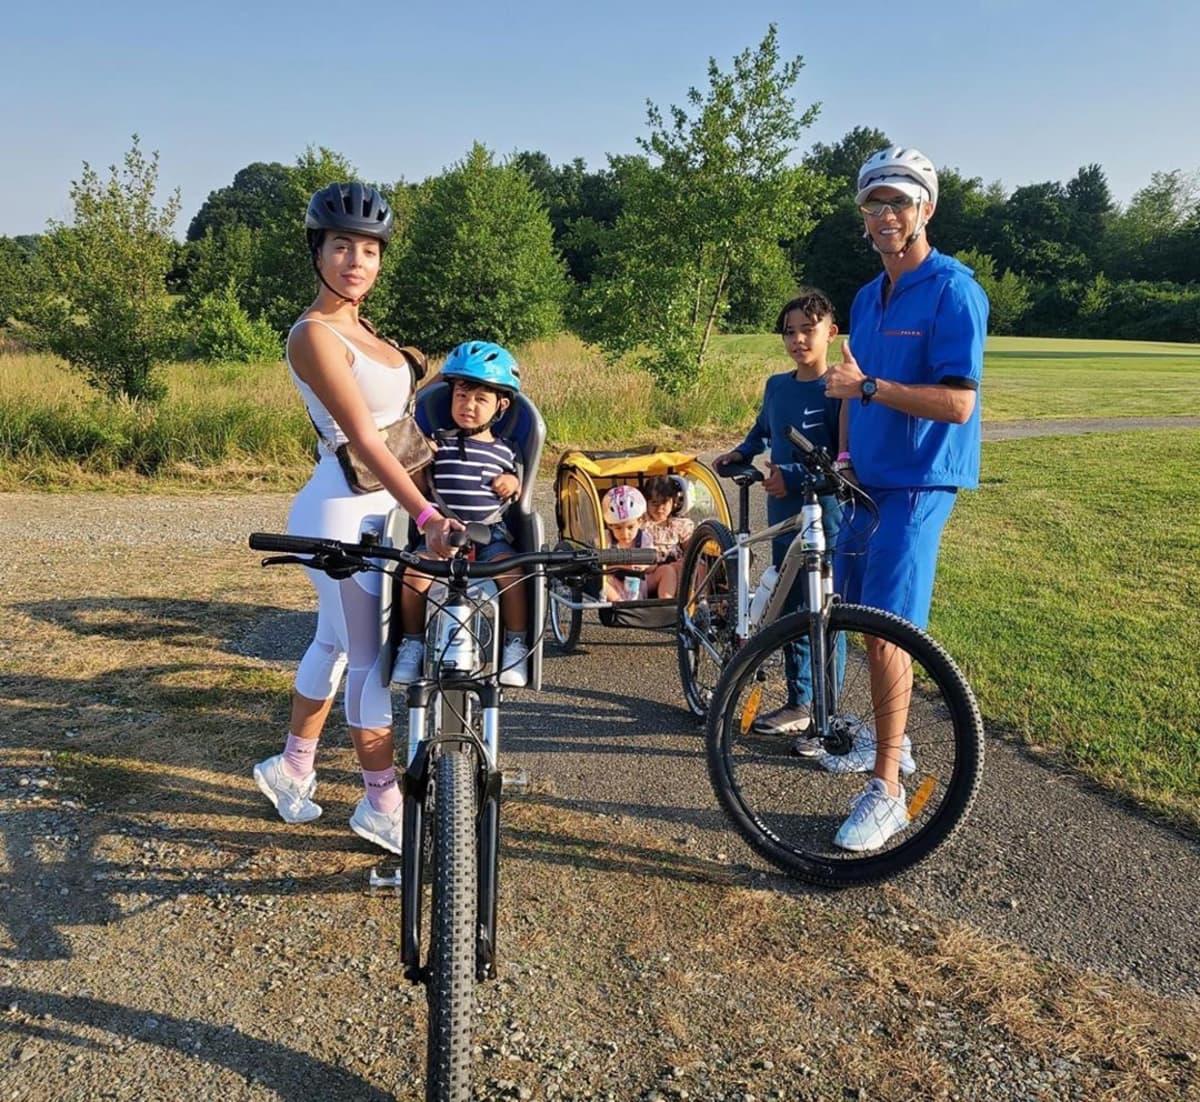 Sportlich unterwegs: Stars auf dem Fahrrad